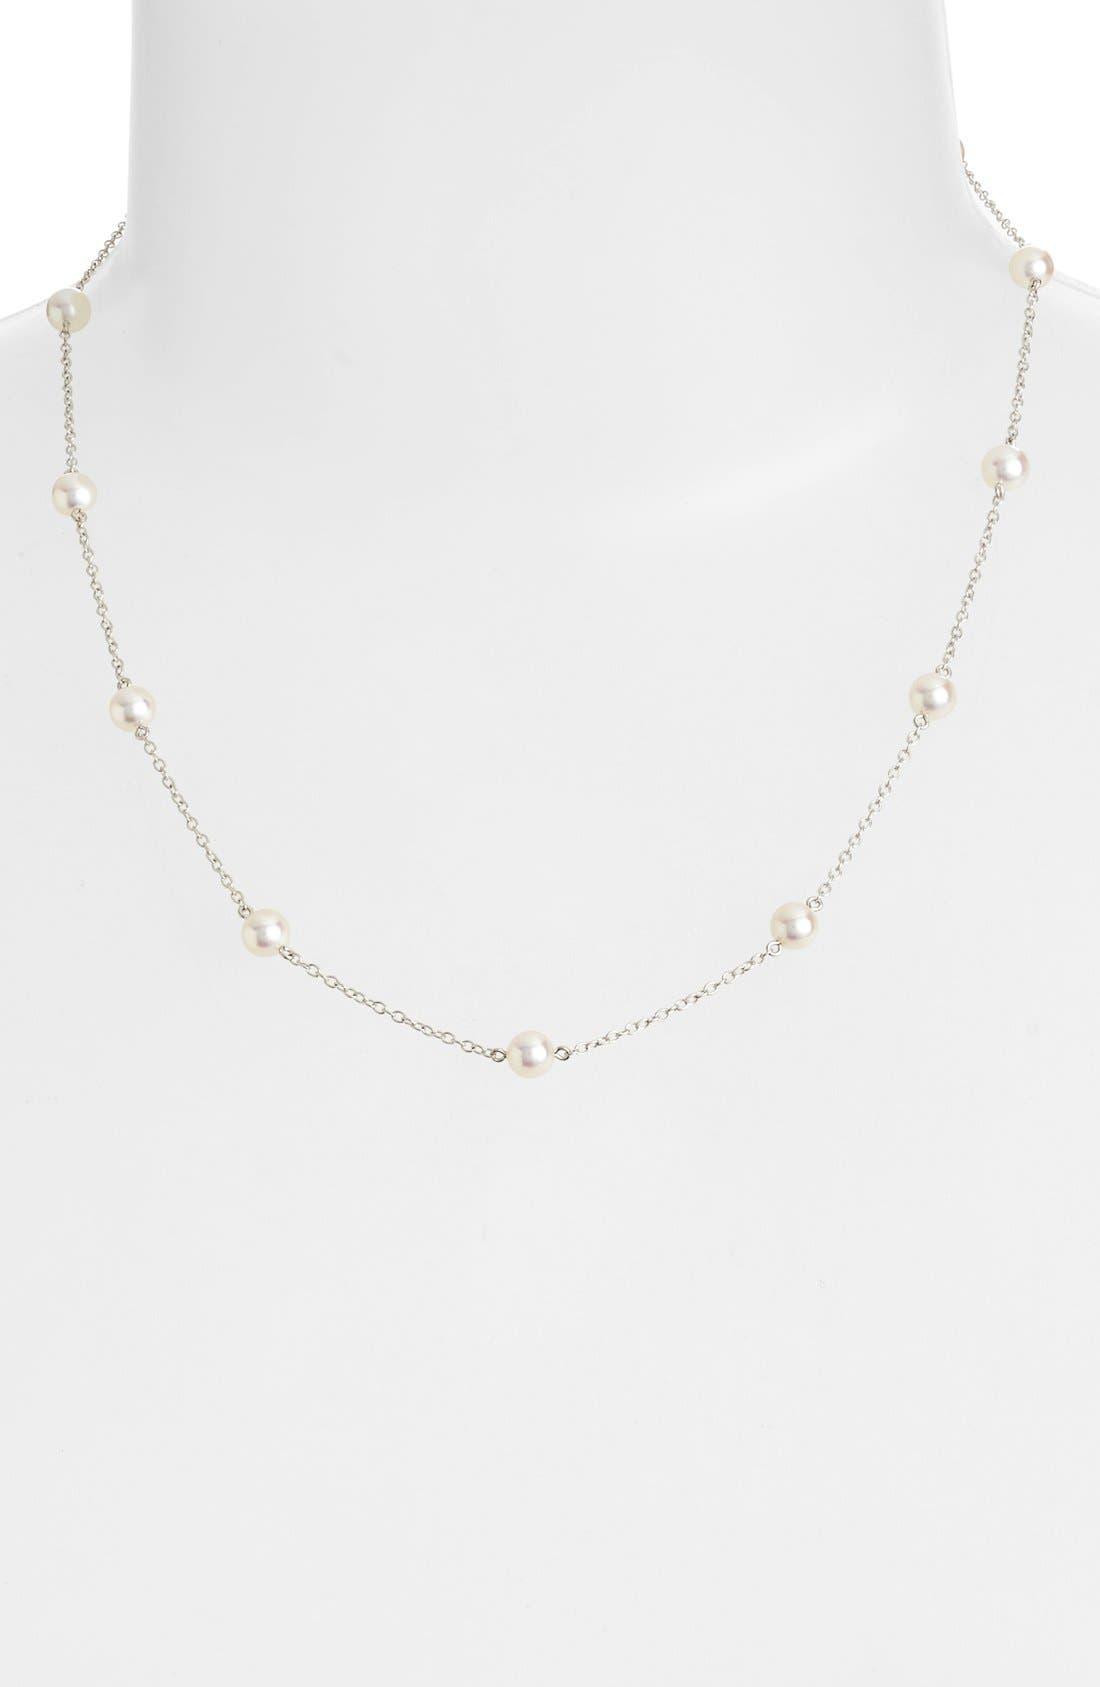 MIKIMOTO Chain & Pearl Necklace